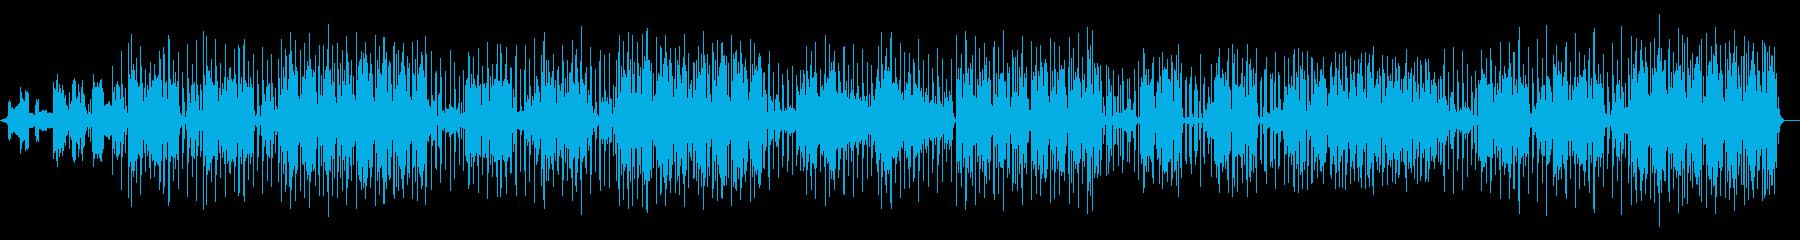 探偵・スパイの日常を描くファンクナンバーの再生済みの波形